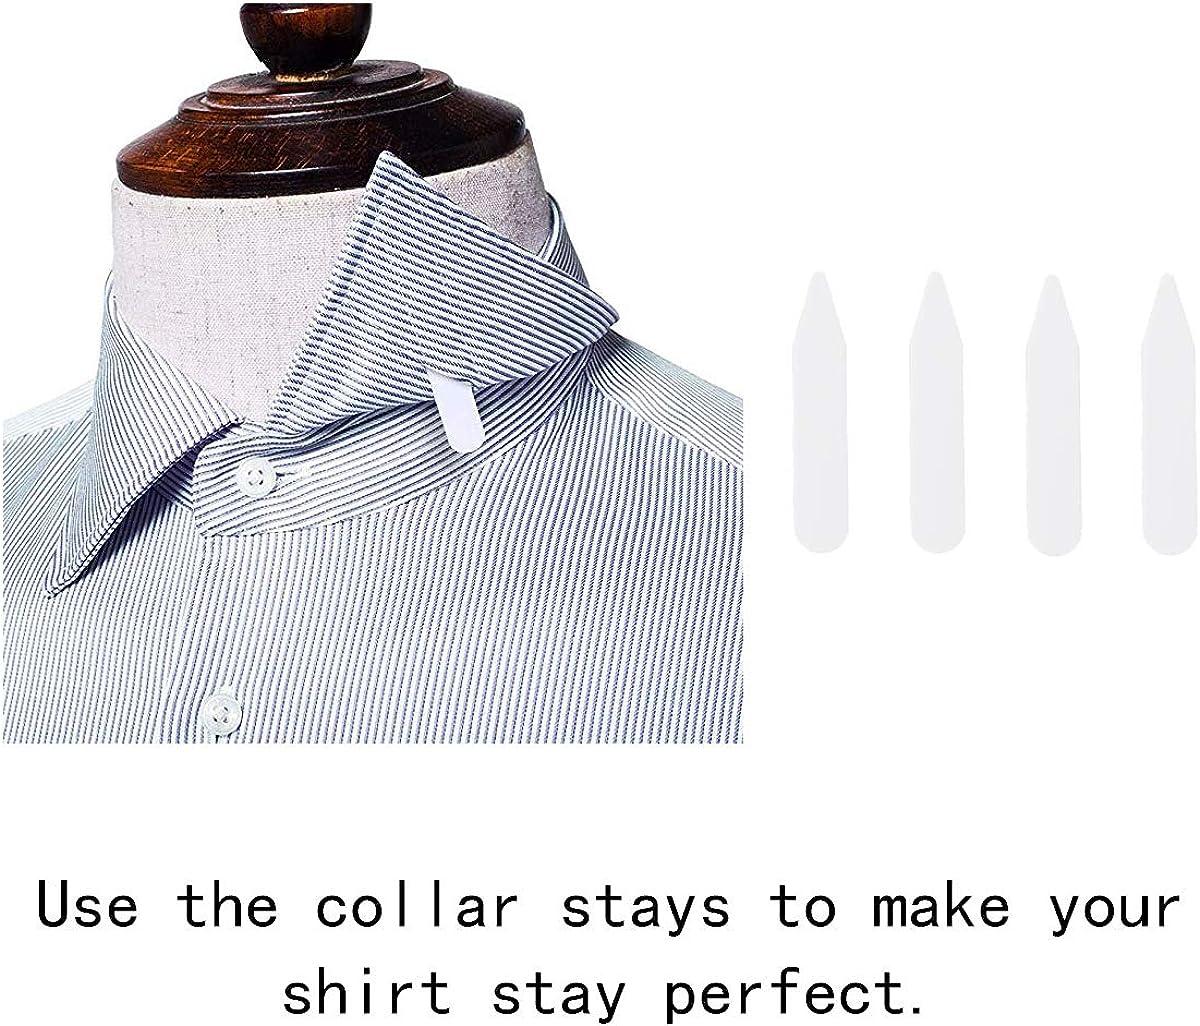 Hosentr/äger,Elastisch Hemd-Halter mit Rutschfest Sperrung Schellen Adjustable Shirt Stays Herren Hemdhalter 1 Paar